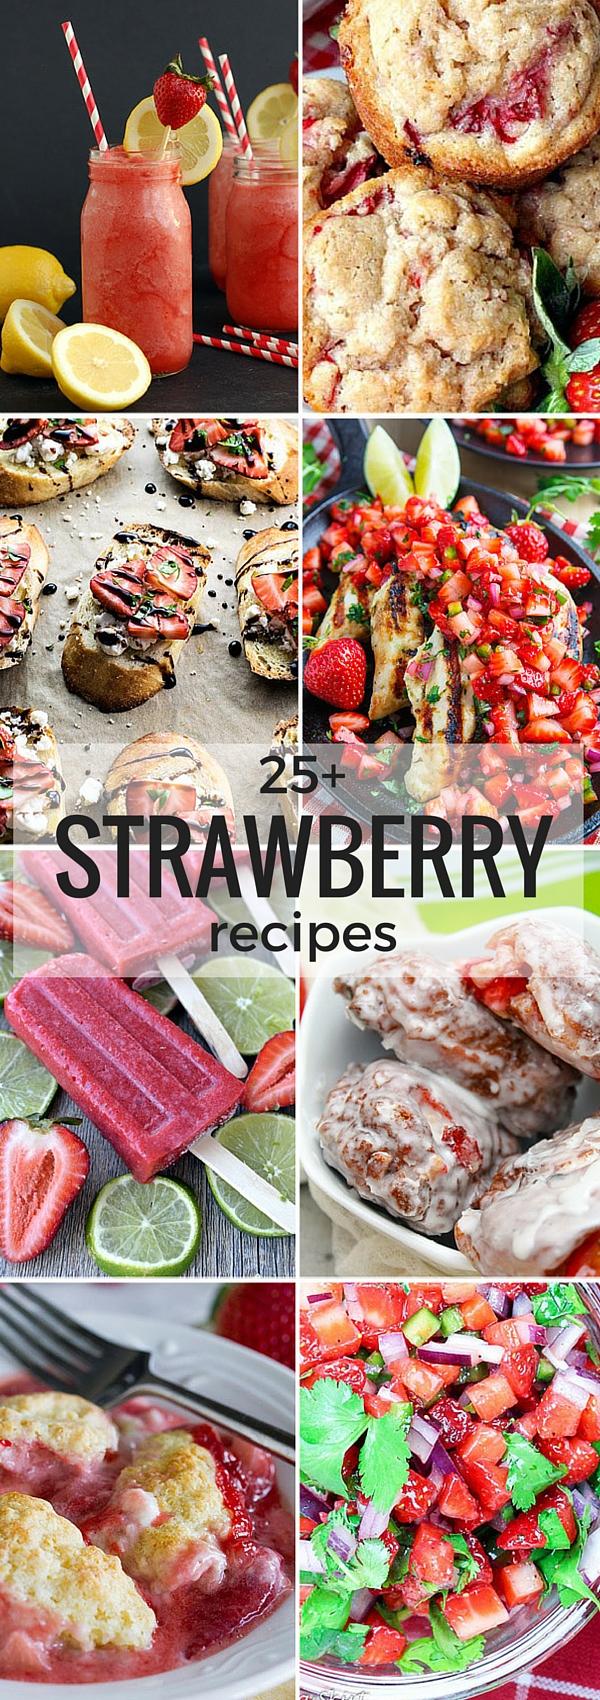 25+ Strawberry Recipes | NoBiggie.net